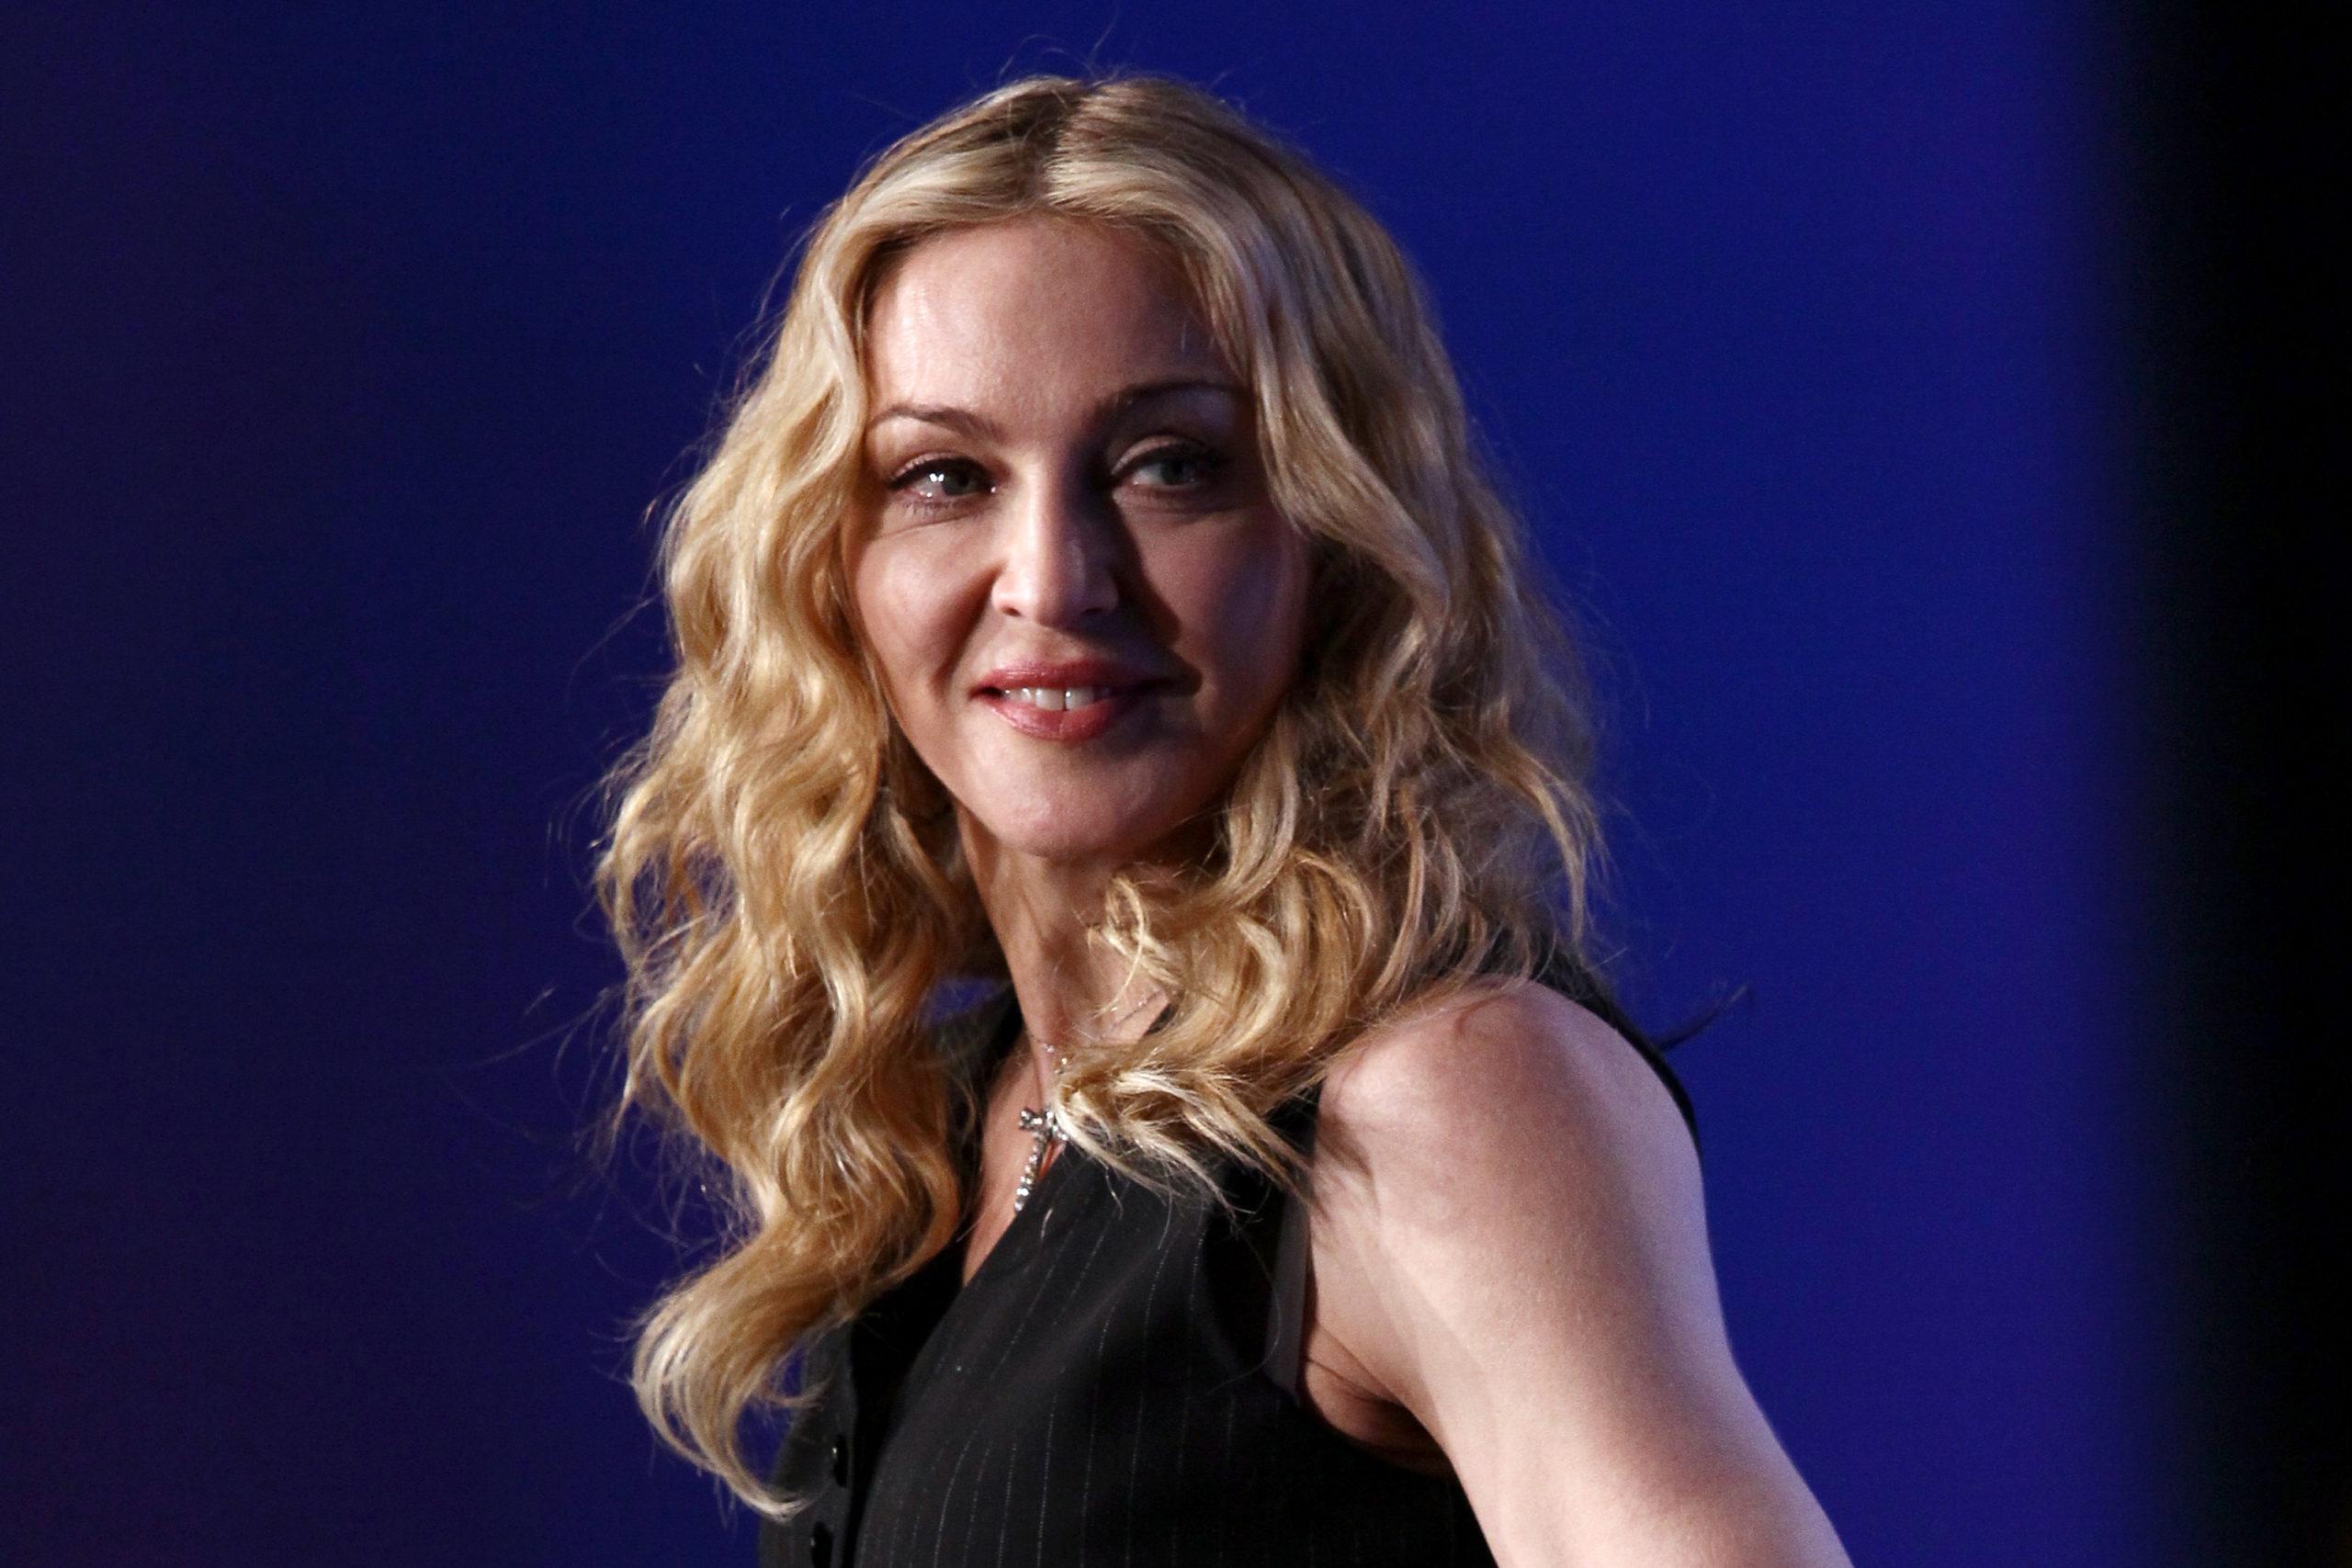 Одно лицо: эта девушка может сыграть Мадонну в новом фильме